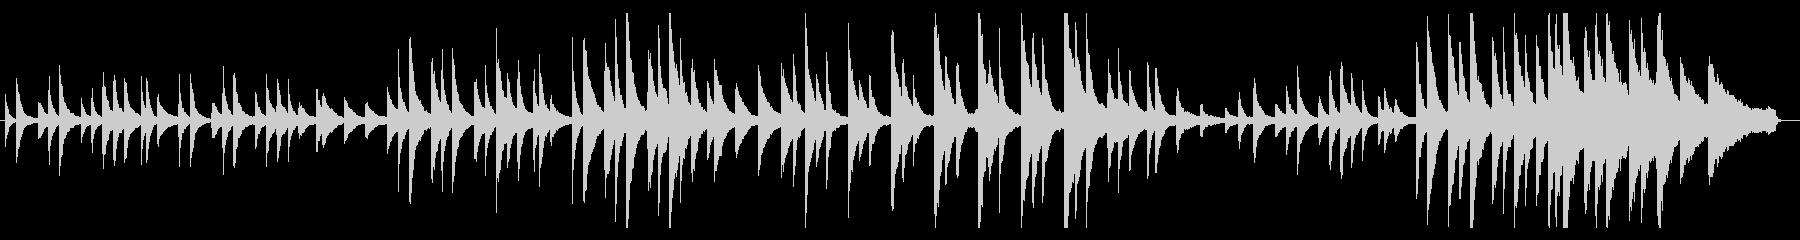 ピアノソロによる葬送行進曲風のバラードの未再生の波形